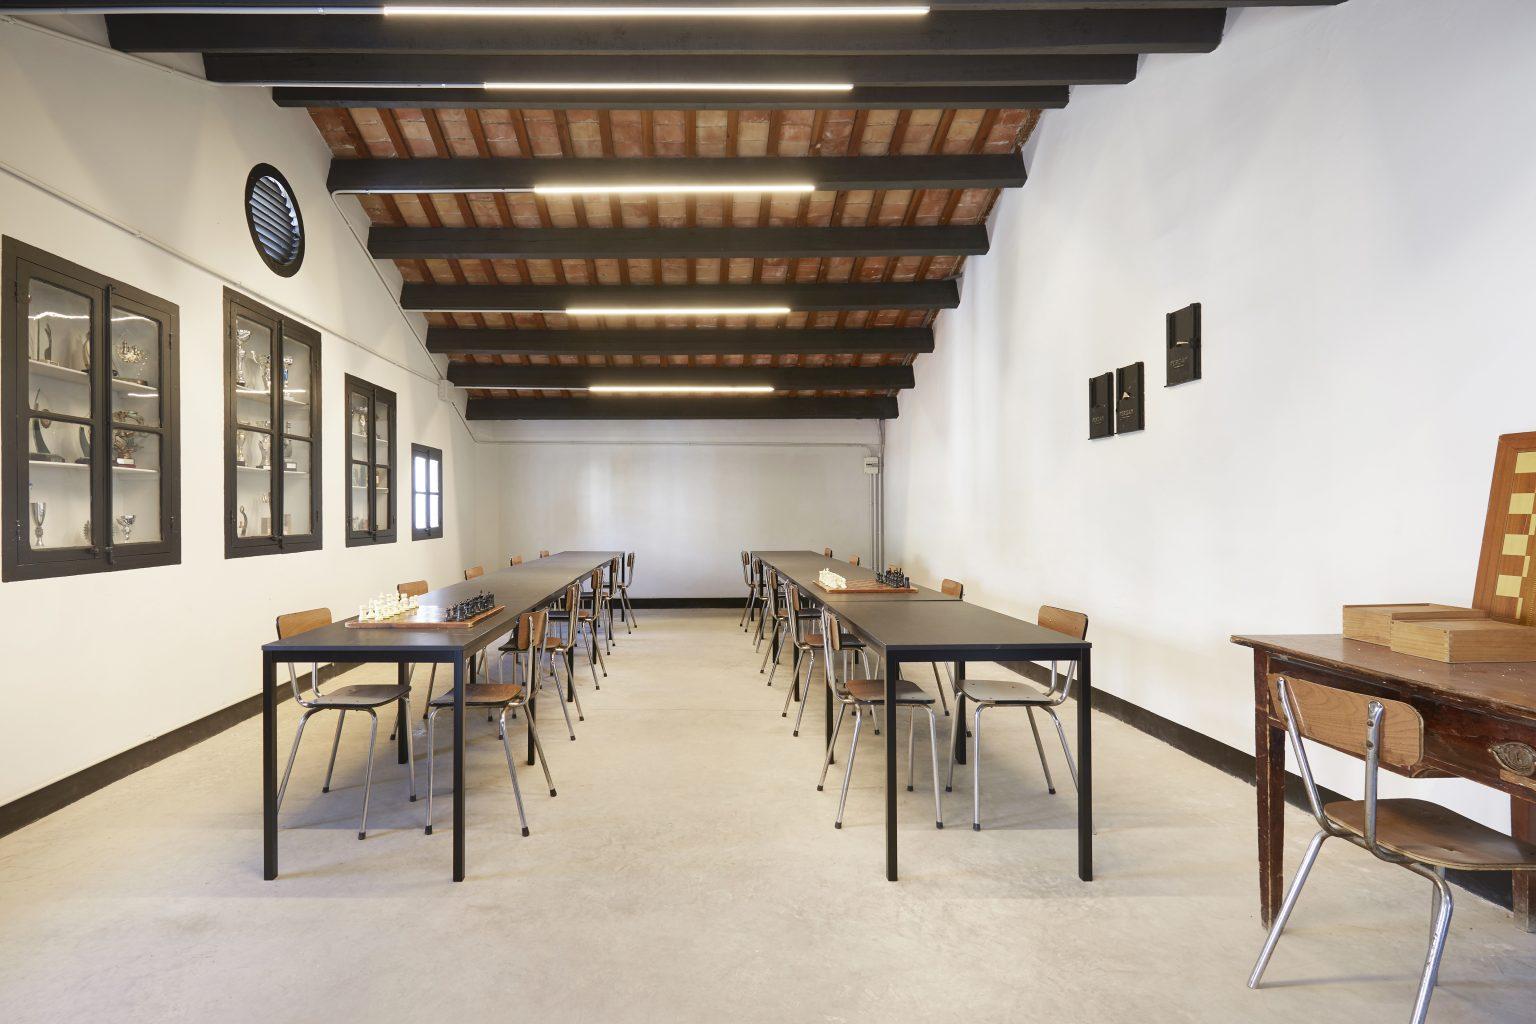 Sala Daniel Paituví Cinema El Centre Moral Escacs Lloguer